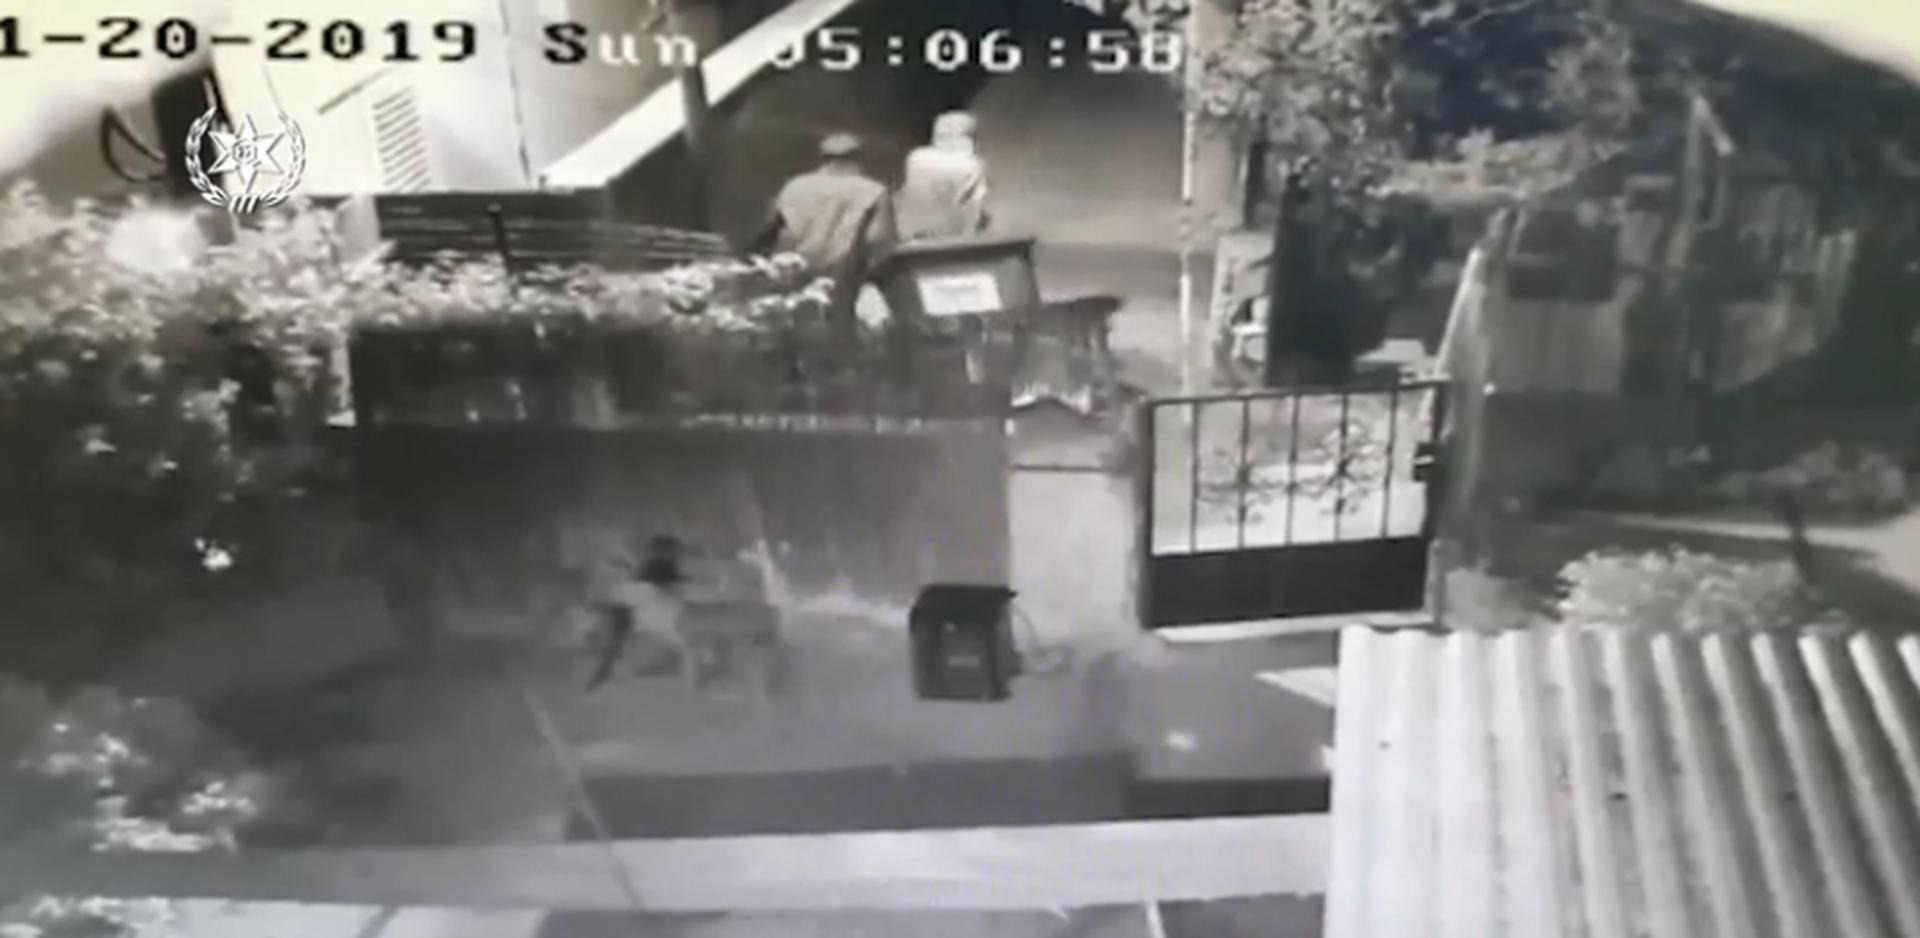 פענוח רצח עדיאל תורתי. צילום: מתוך סרטון שהפיצה המשטרה